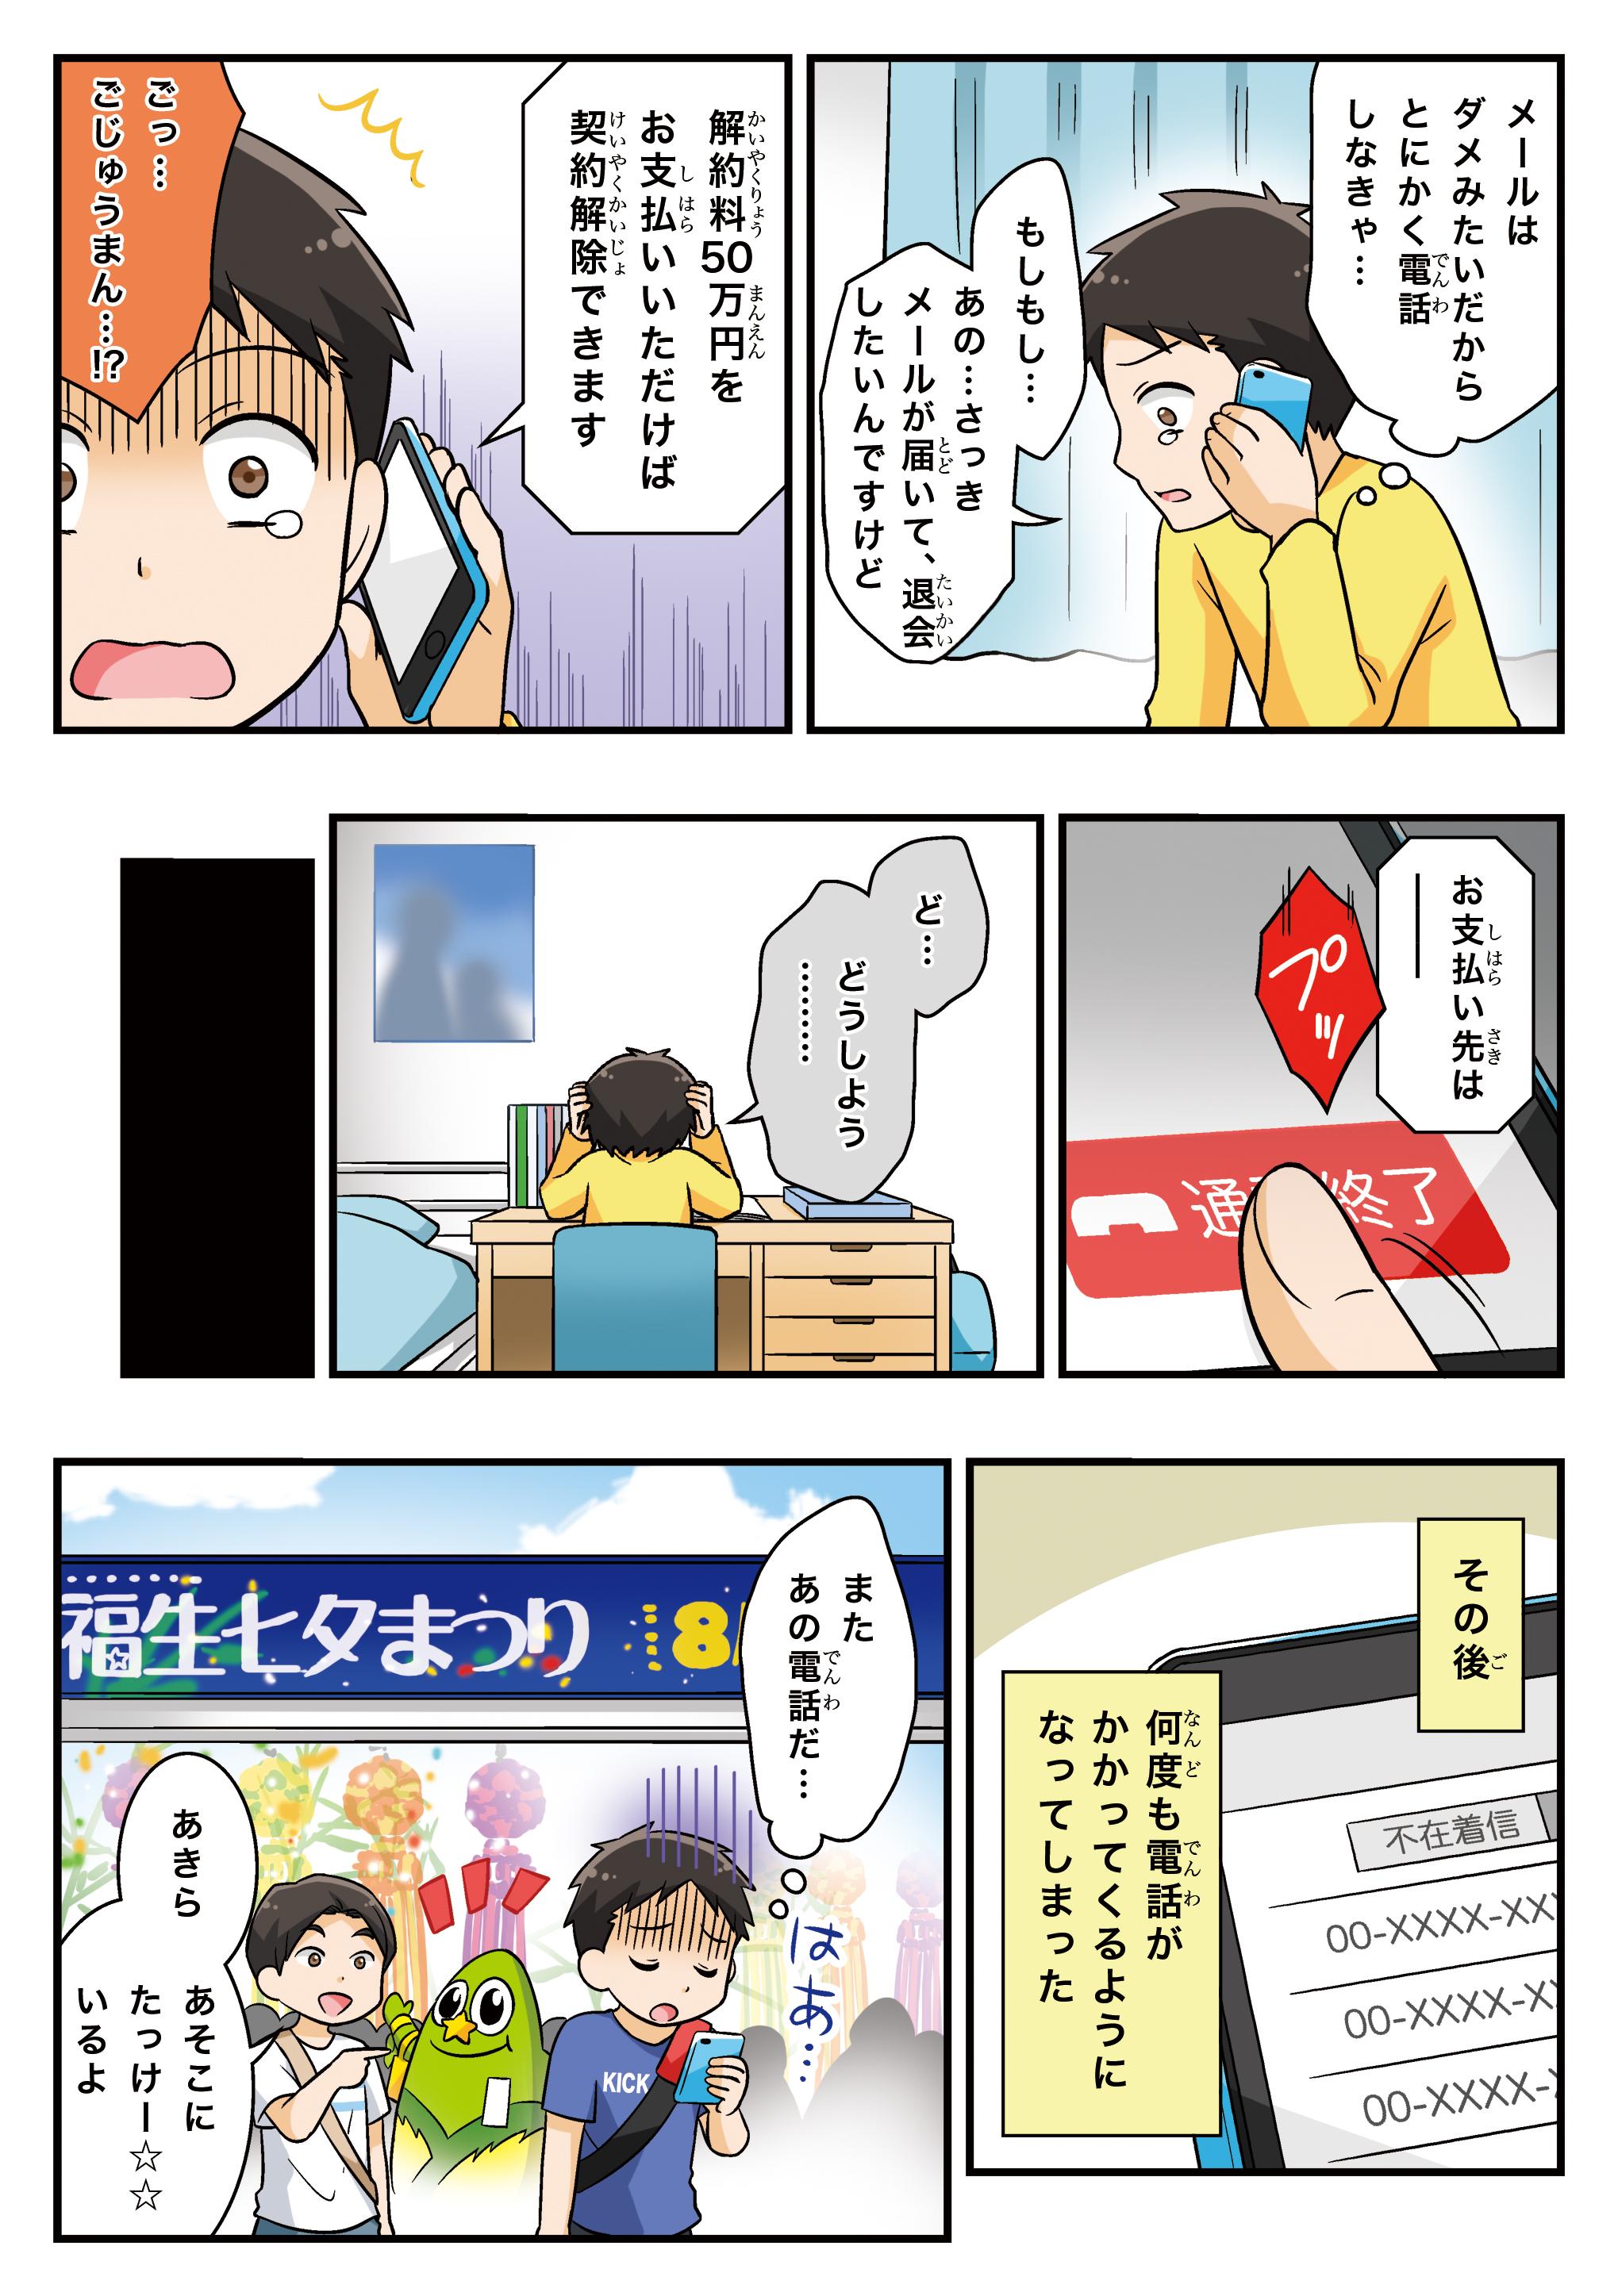 福生市小中学生向け防犯啓蒙漫画[画像5]